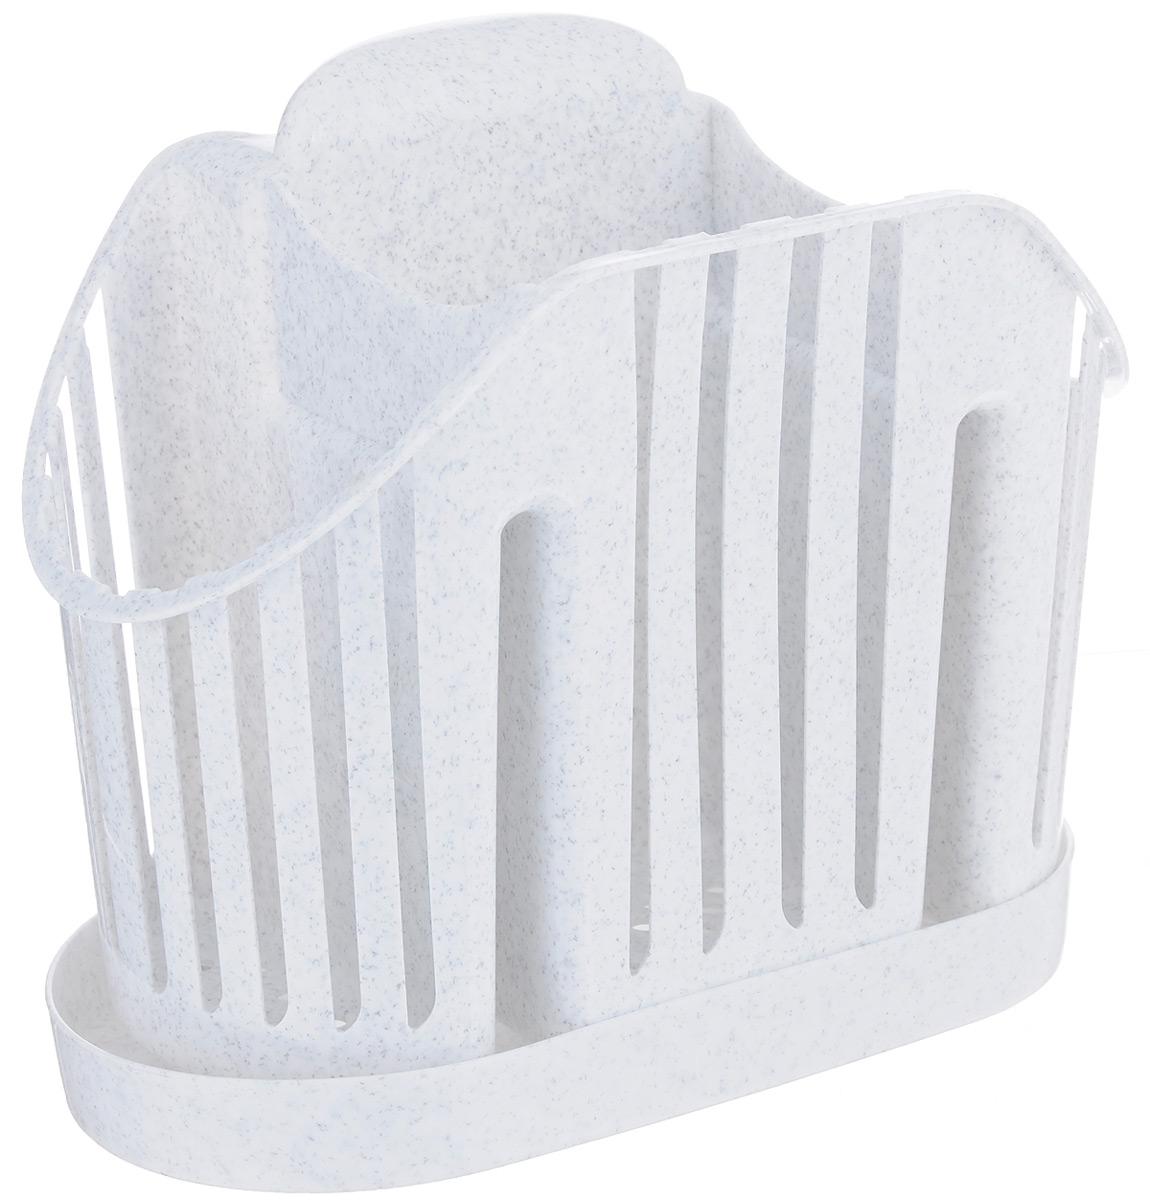 Подставка для столовых приборов Idea, цвет: мраморныйFA-5125 WhiteПодставка для столовых приборов Idea, выполненная из высококачественногополипропилена, станет полезным приобретением для вашей кухни. Изделие оснащено 3 секциями дляразличных столовых приборов. Дно и стенки имеют перфорацию для легкого стока жидкости,которую собирает поддон.Такая подставка поможет аккуратно рассортировать все столовые приборы и тем самымподдерживать порядок на кухне.Размер подставки: 13,5 см х 17,5 см х 11 см.Размер поддона: 18,5 см х 10 см х 2 см.